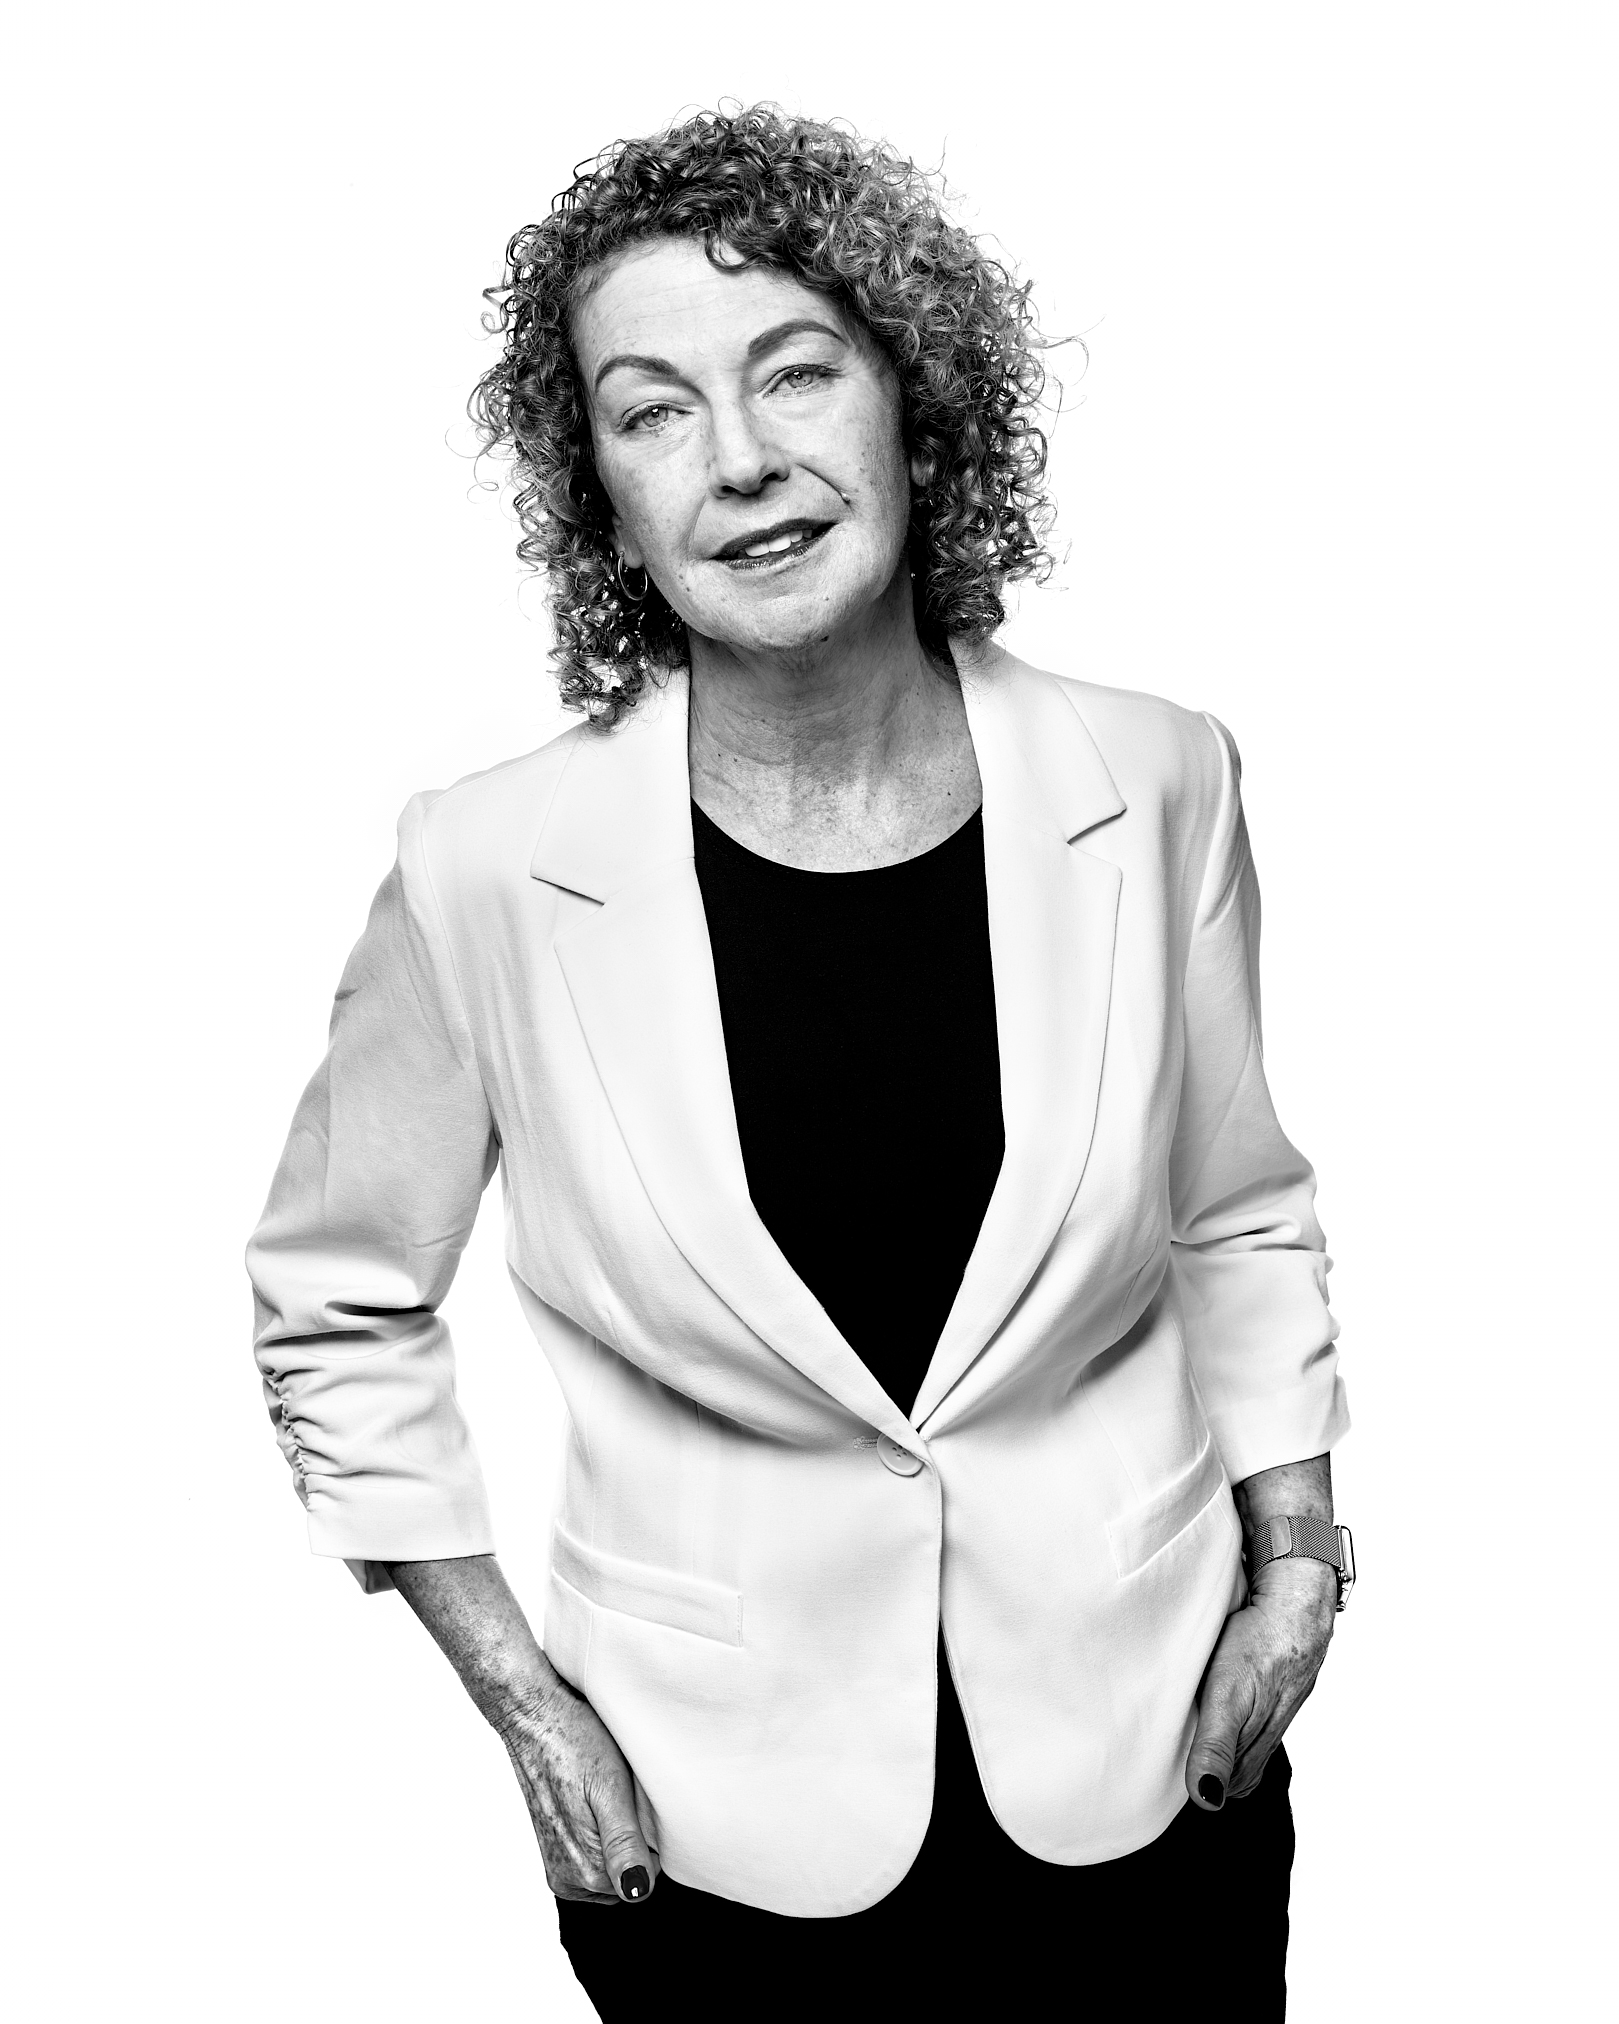 Denise Dumas by Peter Adams.